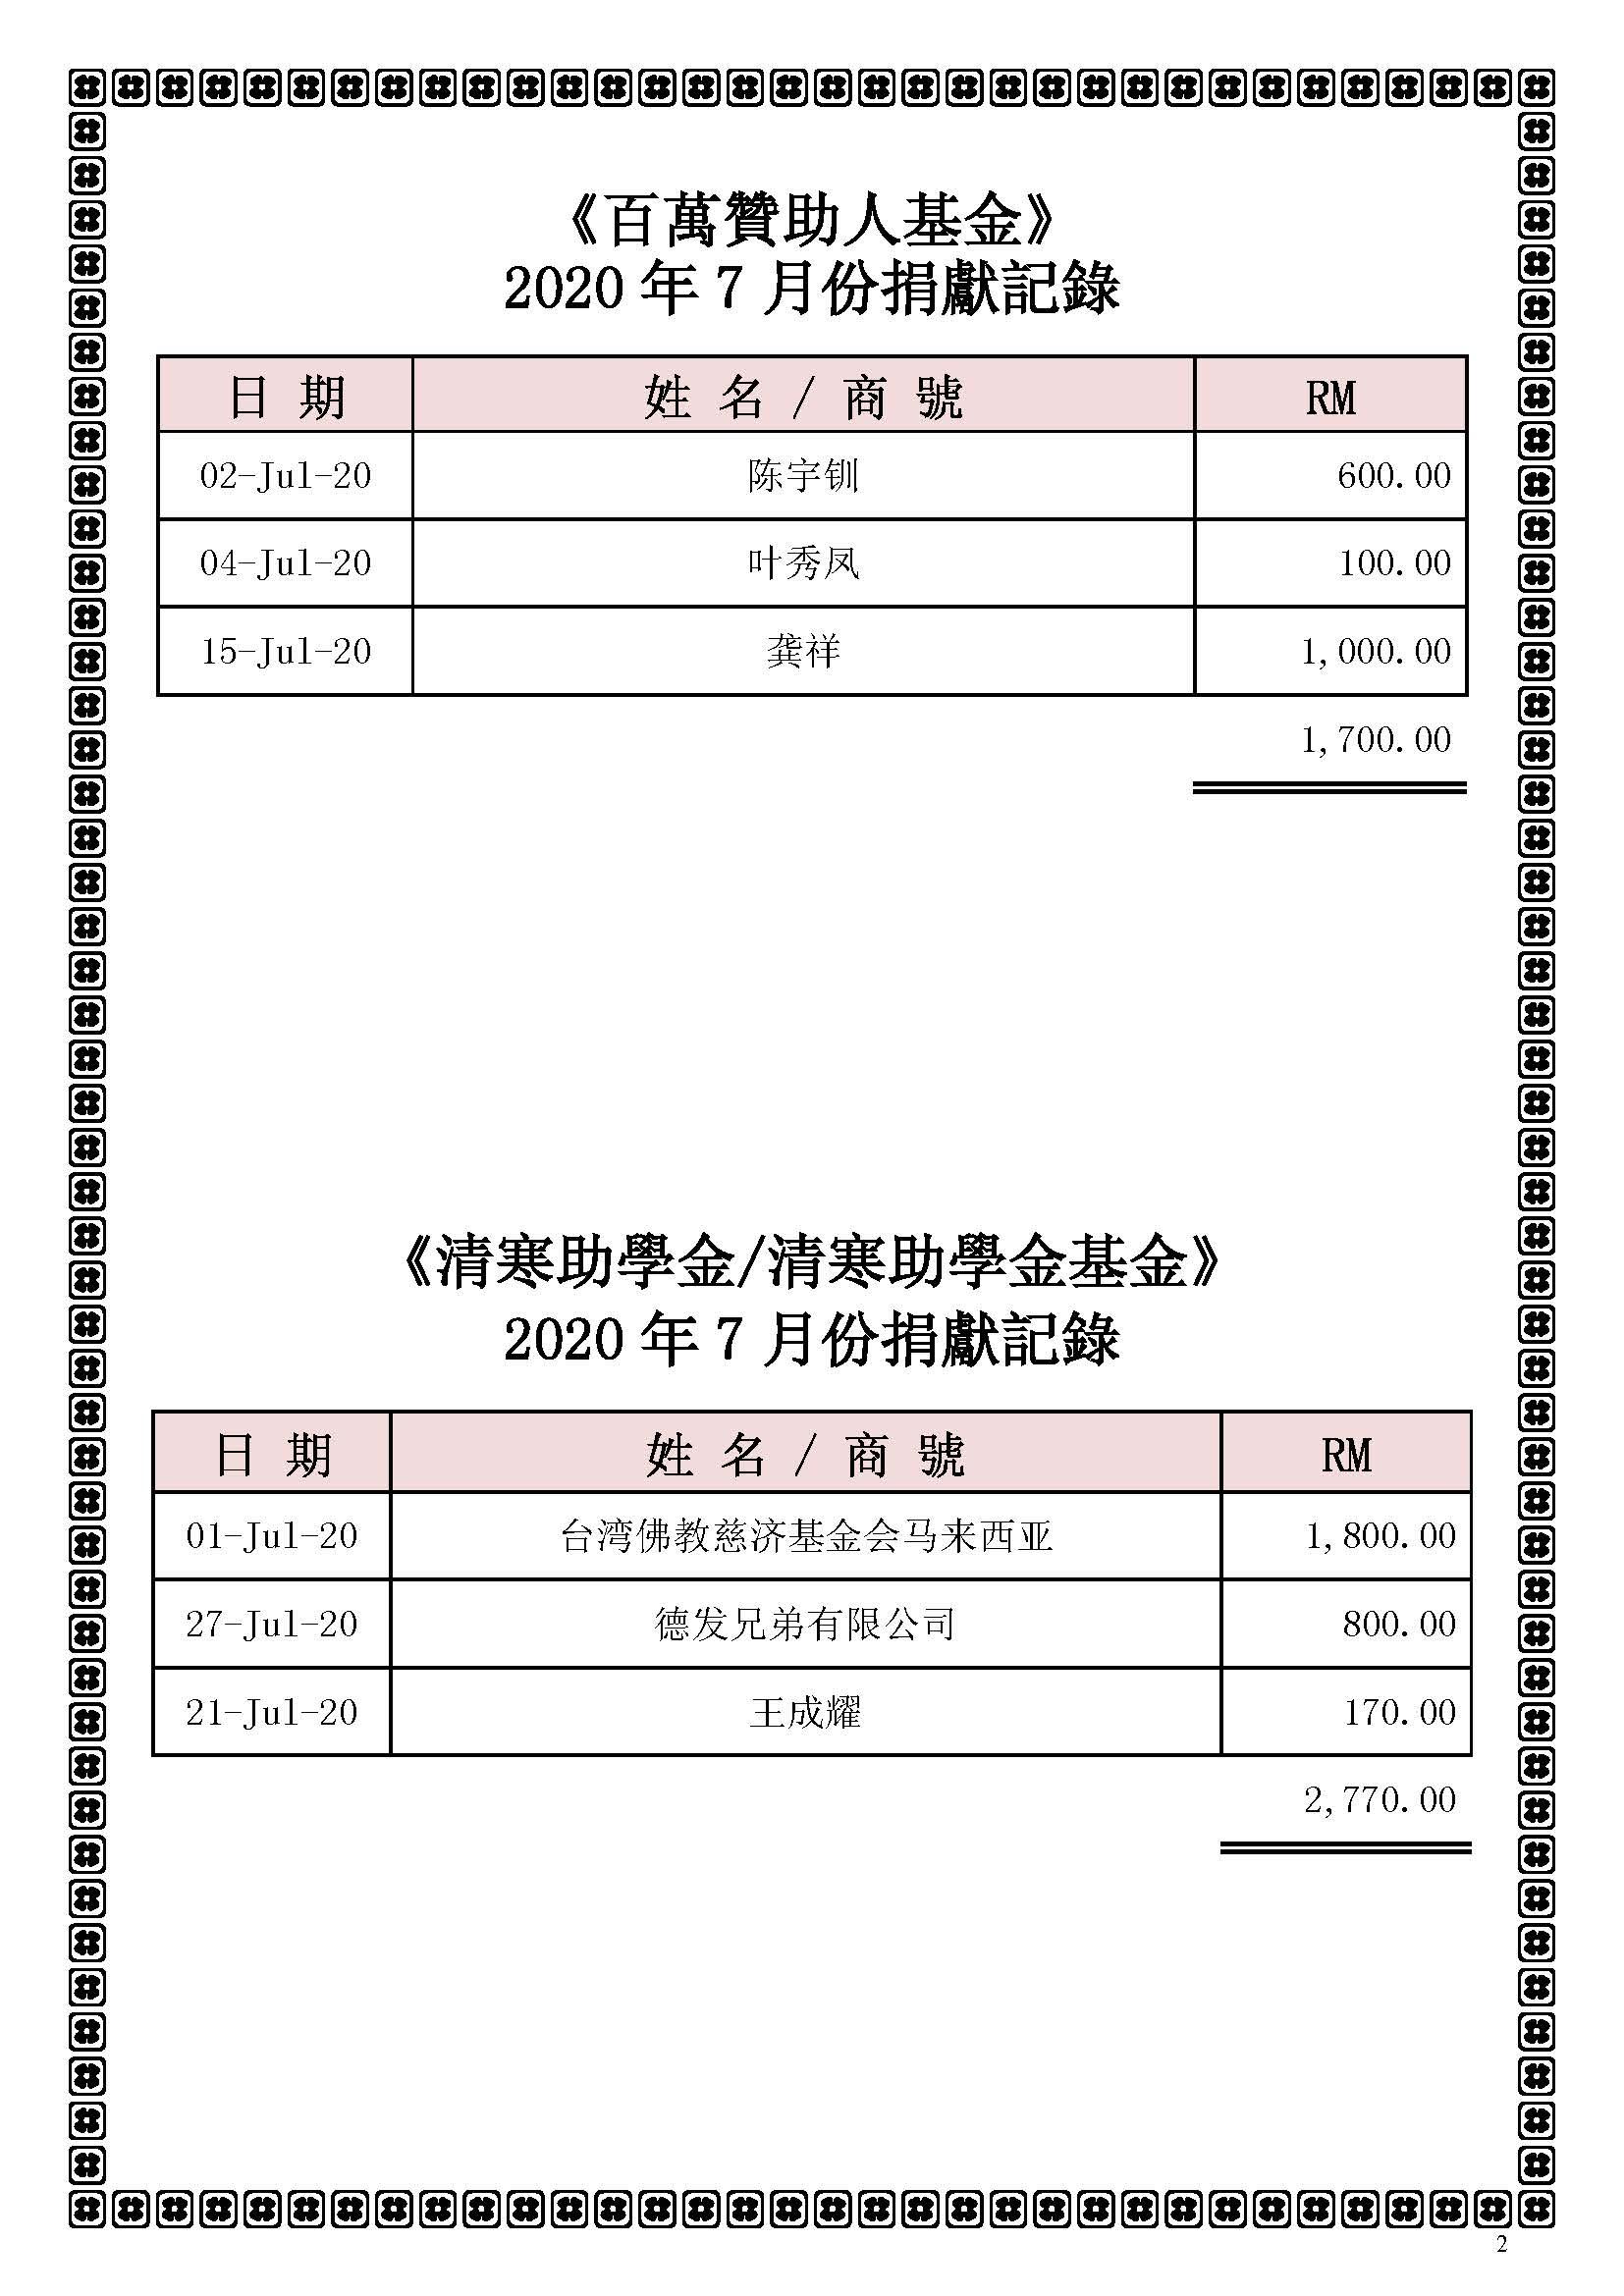 2020年7月份捐獻記錄—修改后_Page_2